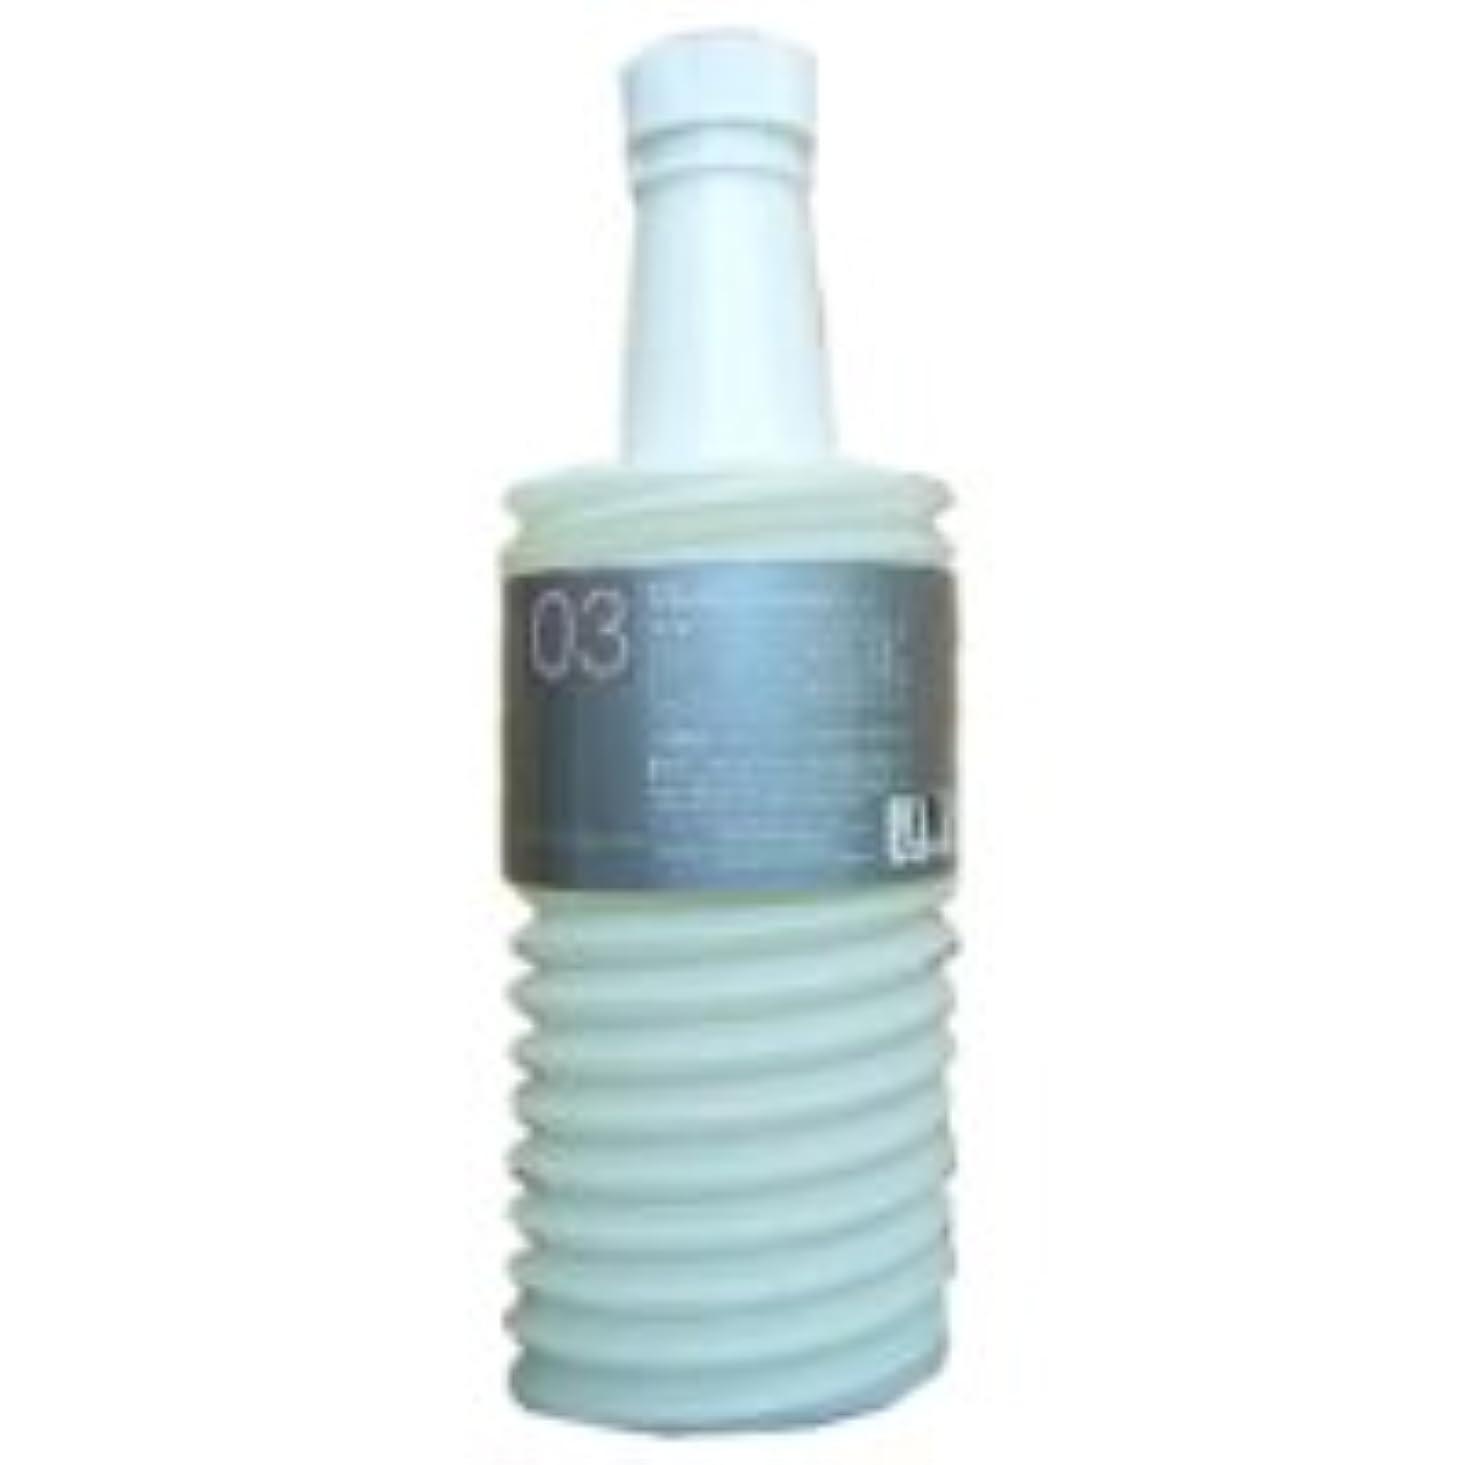 トライアスロンアスペクトパワームコタ アデューラ アイレ03 ライトベールコンディショナー リゼ 700g(業務?詰替用)